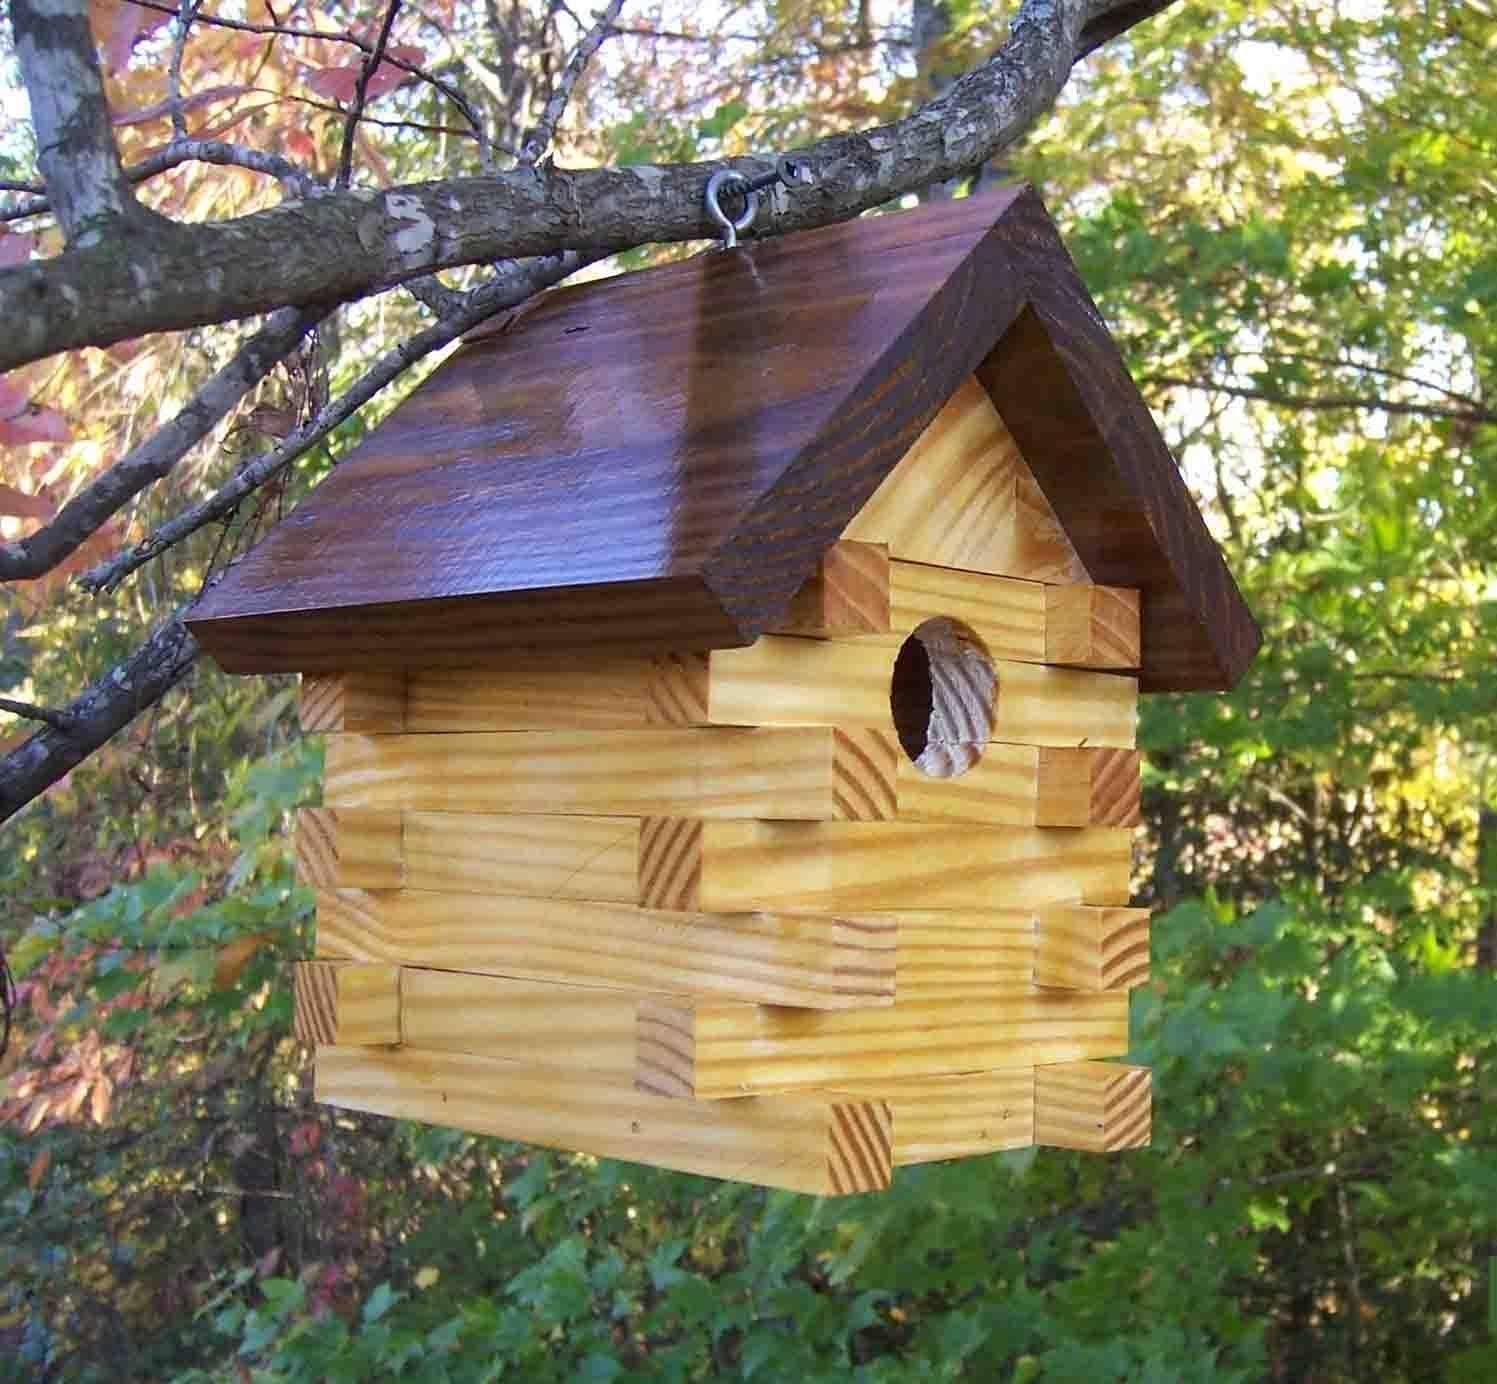 Скворечник своими руками из дерева для скворцов и мелких полезных птиц